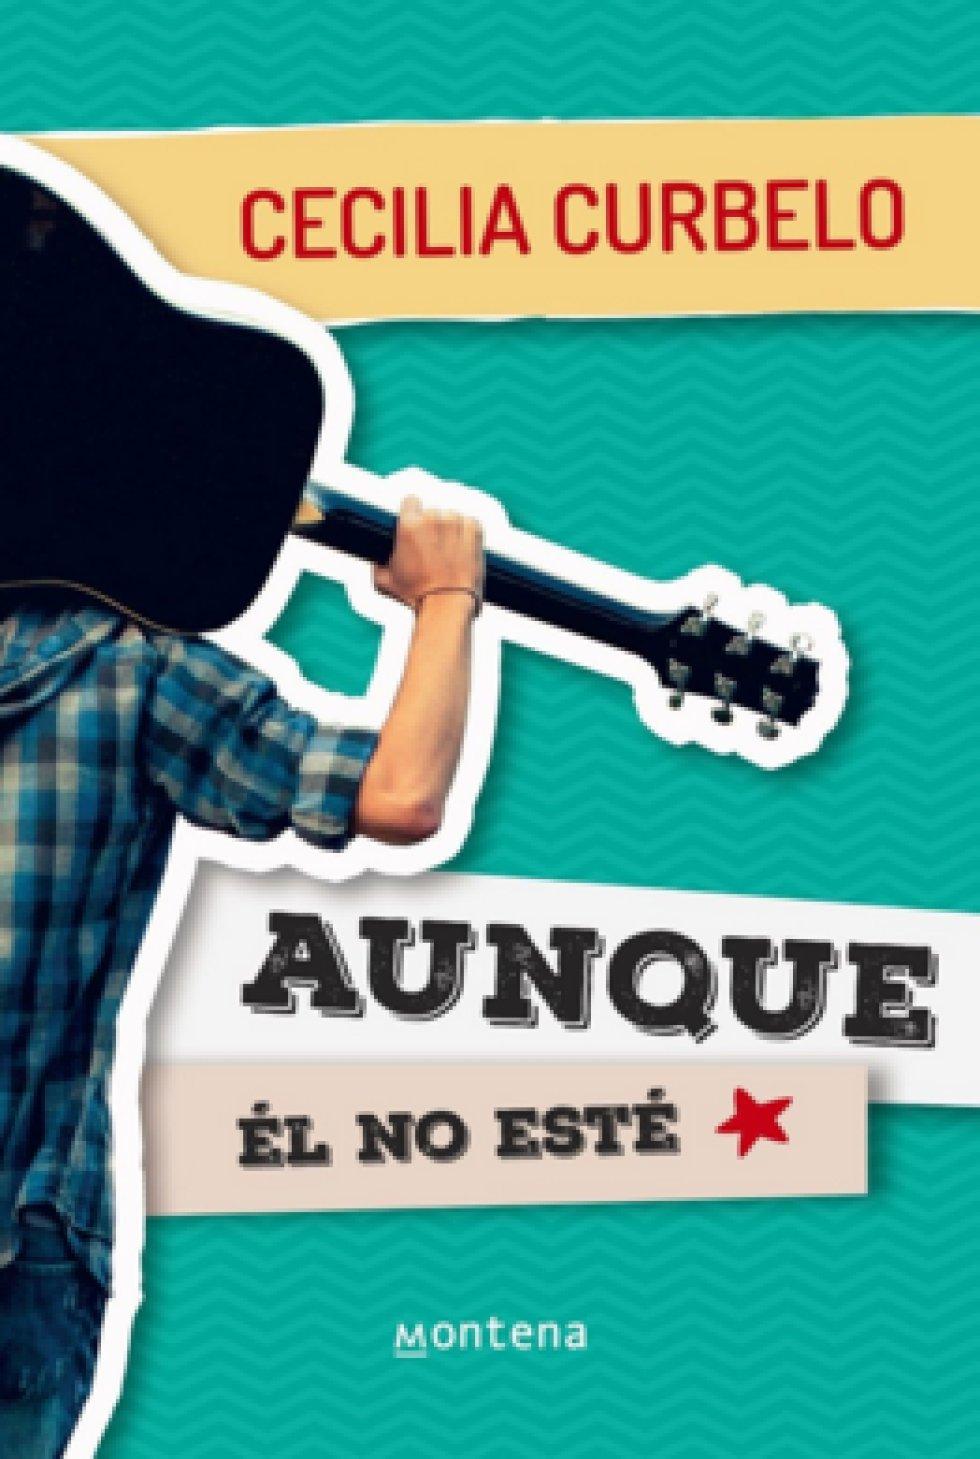 6. 'Aunque él no esté' de Cecilia Curbelo, publicado por la Editorial uruguaya Montena. El libro se trata sobre un joven que intenta huir de su casa luego del fallecimiento de su padre.